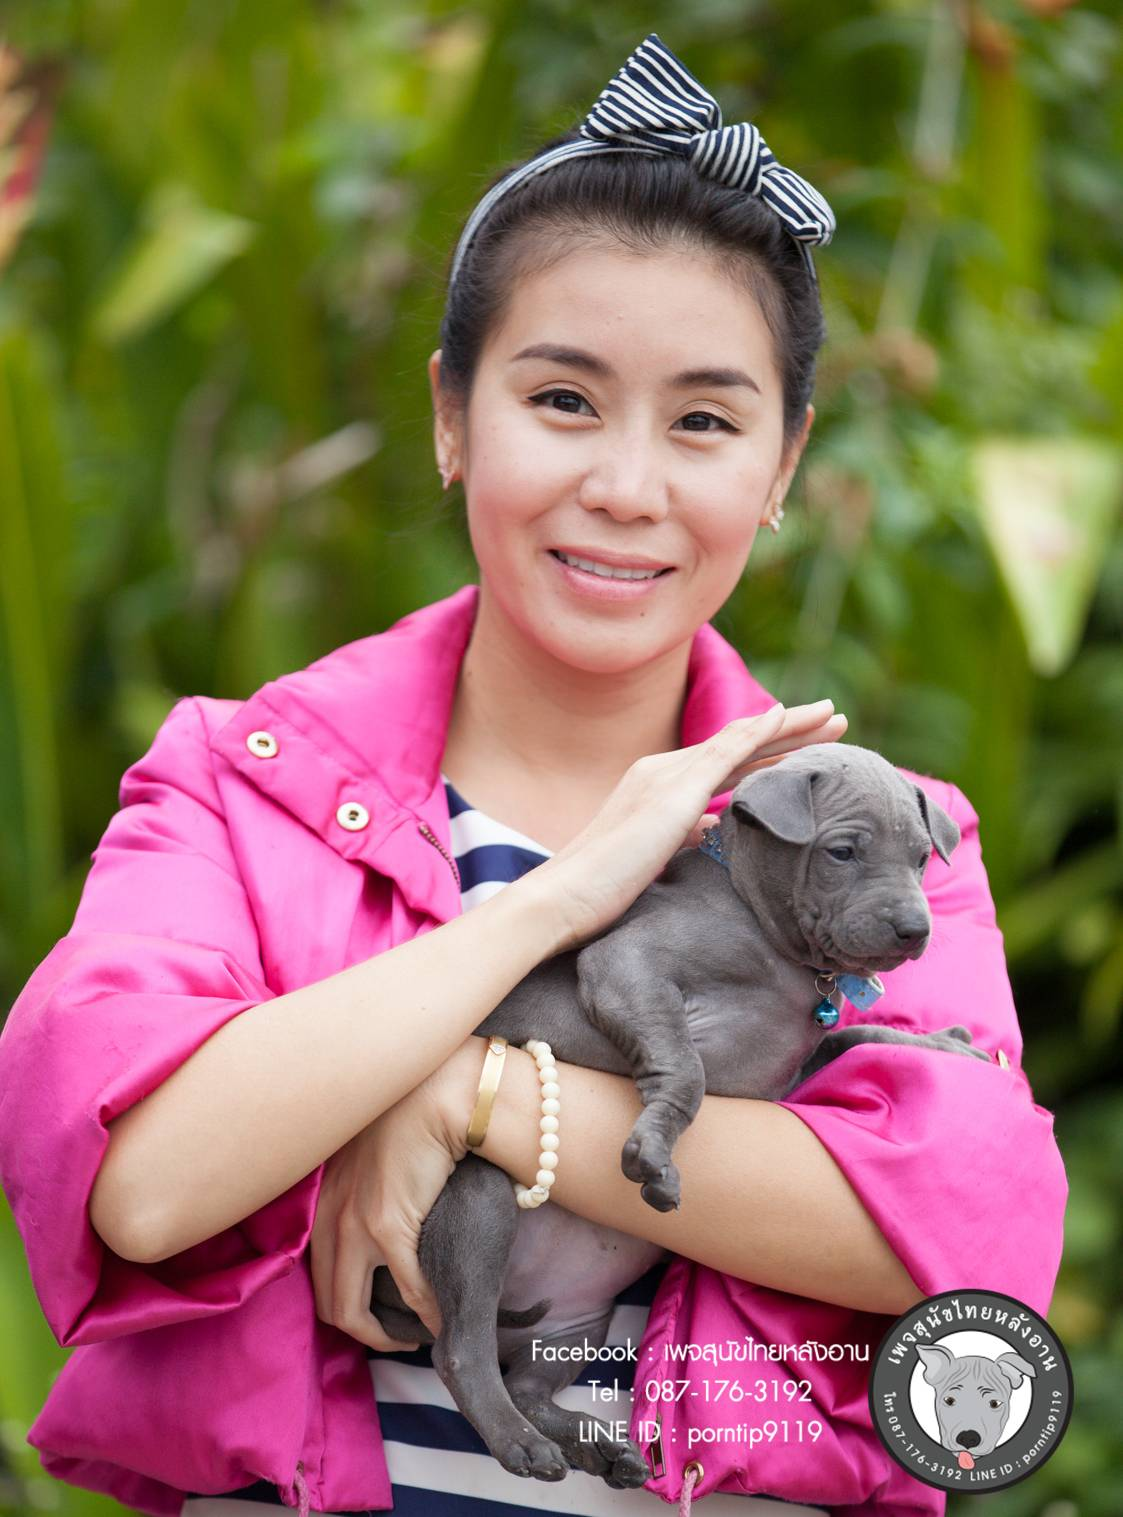 สุนัขไทยหลังอานเกรดสวยสายเลือดตราดแท้ โทร 0871763192,TRD,thairidgeback,thairidgebackdog, blue thairidgeback , red thairidgeback , ISABELLA , FEMALE , MALE, พรทิพย์เชียงรายฟาร์ม, สายเอกลักษณ์,แนะนำสุนัขไทยหลังอาน,ไทยหลังอานมีใบเพ็ดดีกรี,ซื้อหมา,ขายหมา,หมาไทย,หมาไทยหลังอาน,หมาไทยตราด,หมาหลังอานสวย,นิสัยหมาหลังอาน  ,ราคาหมาหลังอาน,  สุนัขไทยหลังอาน  ,   ขายสุนัขไทยหลังอาน  ,  ลูกสุนัขไทยหลังอาน ,  จำหน่ายสุนัขไทยหลังอาน ,  ไทยหลังอานราคา   , ไทยหลังอานนิสัย  ,    หมาไทยหลังอานแท้  ,   หมาหลังอานแท้  ,    หลังอานป้าสมคิด  ,  คอกสุนัขไทยหลังอาน   ,  ฟาร์มสุนัขไทยหลังอาน ,  หลังอานพรทิพย์ ,พรทิพย์ไทยหลังอาน,  สุนัขไทยหลังอานเชียงราย,เชียงรายไทยหลังอาน,ภาคเหนือไทยหลังอาน,ไทยหลังอานภาคเหนือ,แม่สายไทยหลังอาน  ,หลังอานแม่สาย,  สุนัขไทยหลังอานสีสวาด,สุนัขไทยหลังอานสีแดงเม็ดมะขาม,�